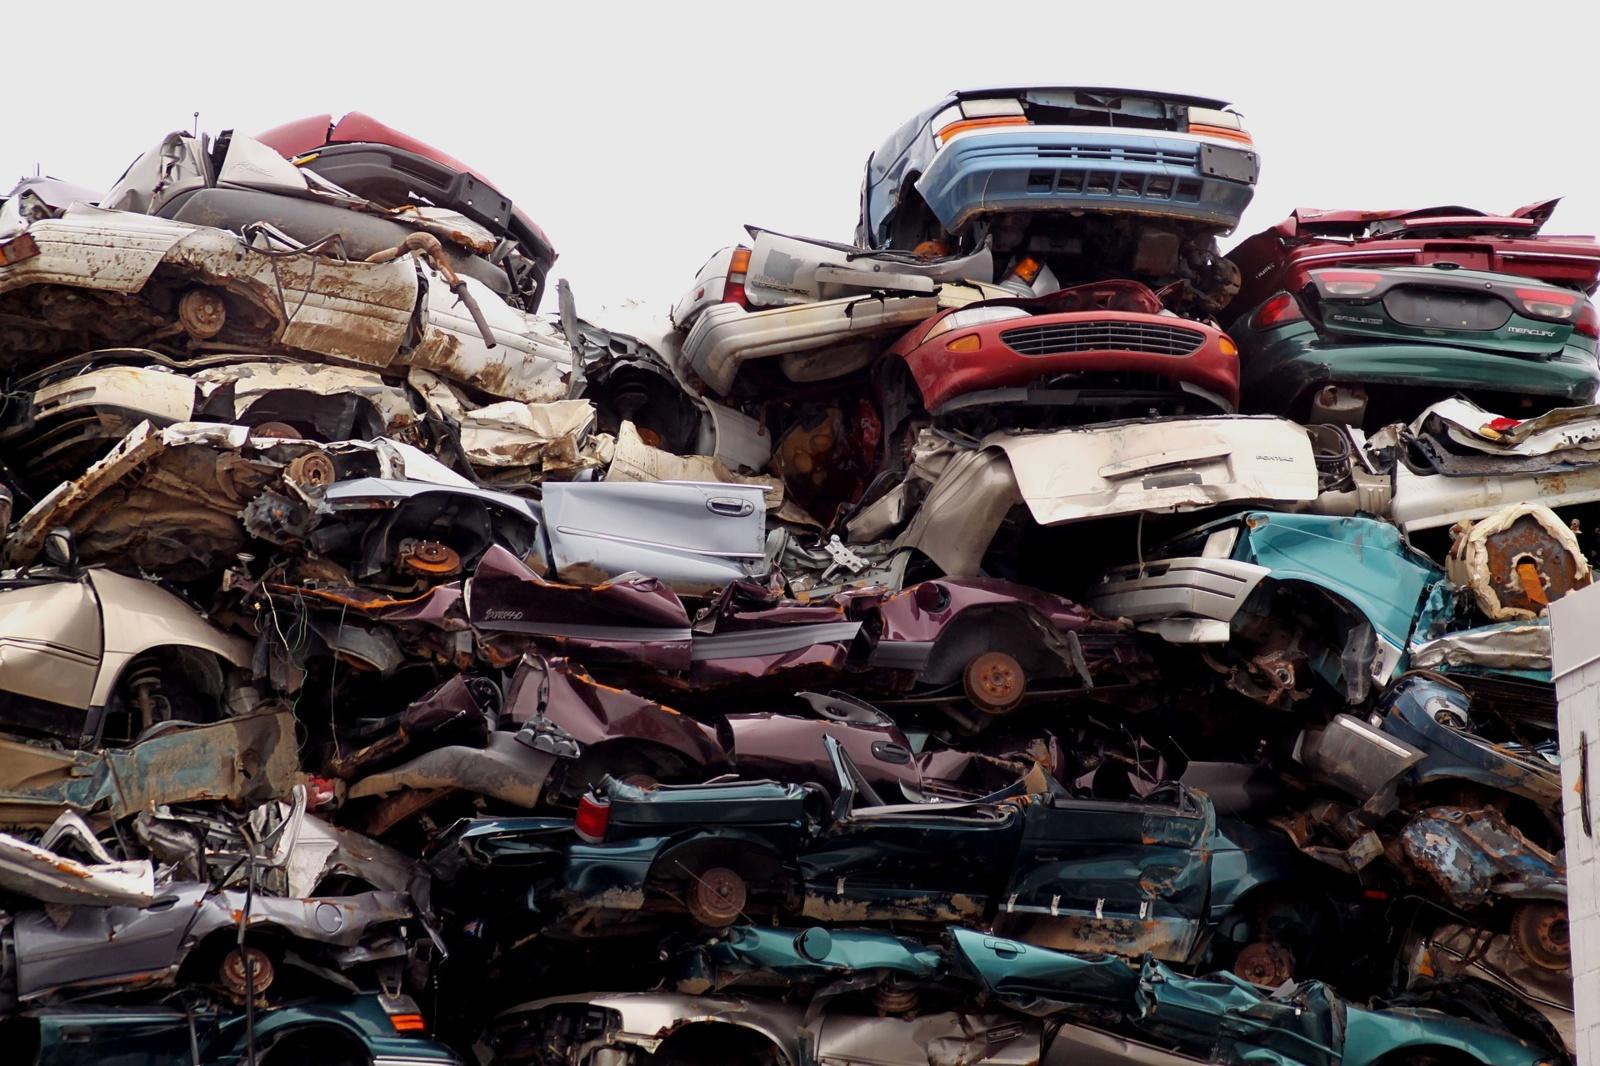 Tariamasi, kaip spręsti transporto priemonių atliekų tvarkymo problemas